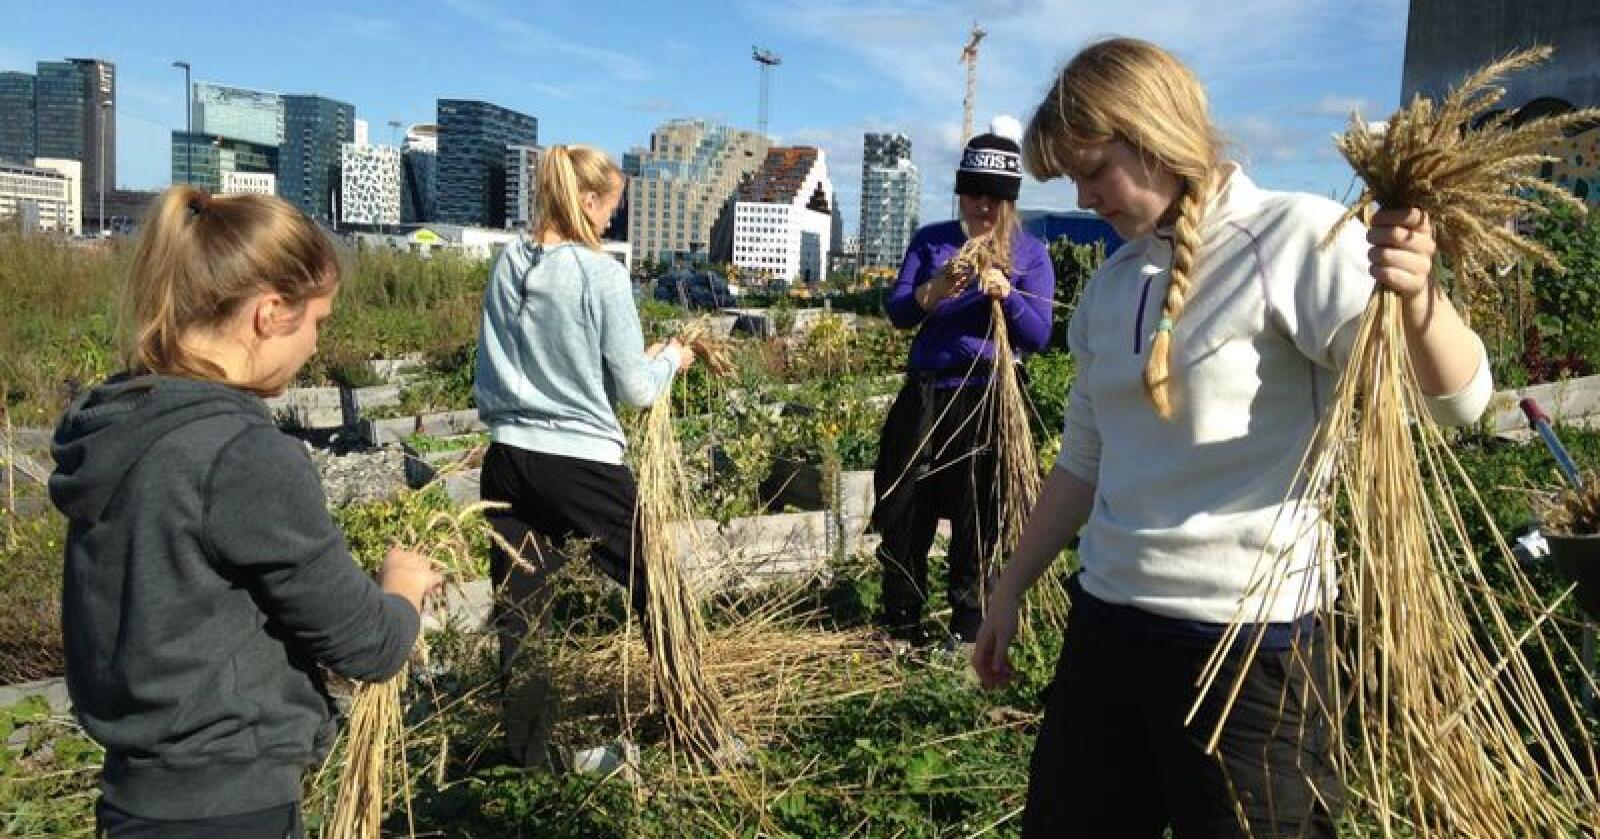 Natur vgs. i Oslo er blant mange skoler som vil bli hardt rammet av nok et kutt i satsen til naturbruksutdanningene. Opplæringen ved skolen er praktisk orientert, og mye av utdanningen skjer utendørs. Her er elever ved skolen i sving på Losæter i Oslo sentrum. (Foto: Natur vgs.)